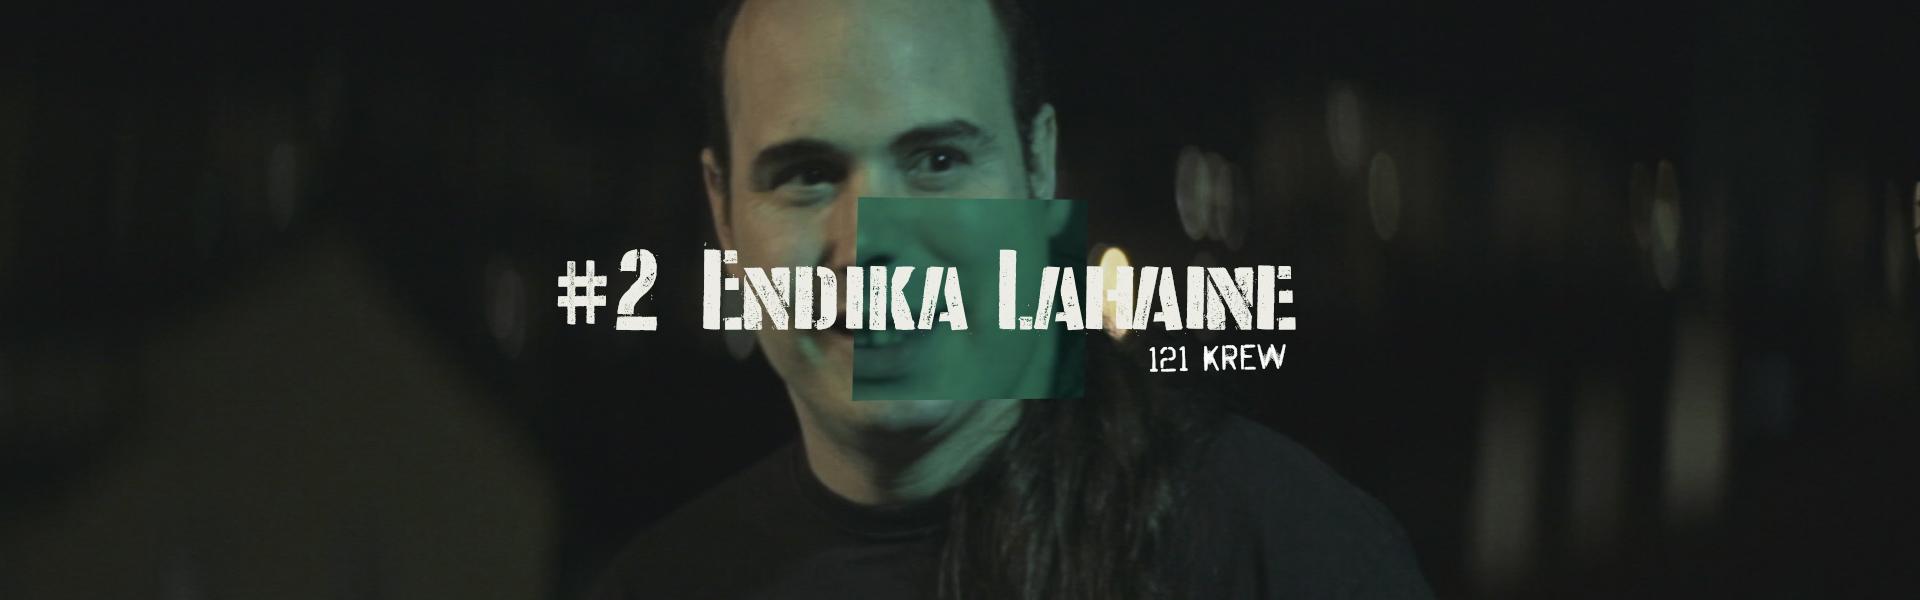 ENDIKA LAHAINE